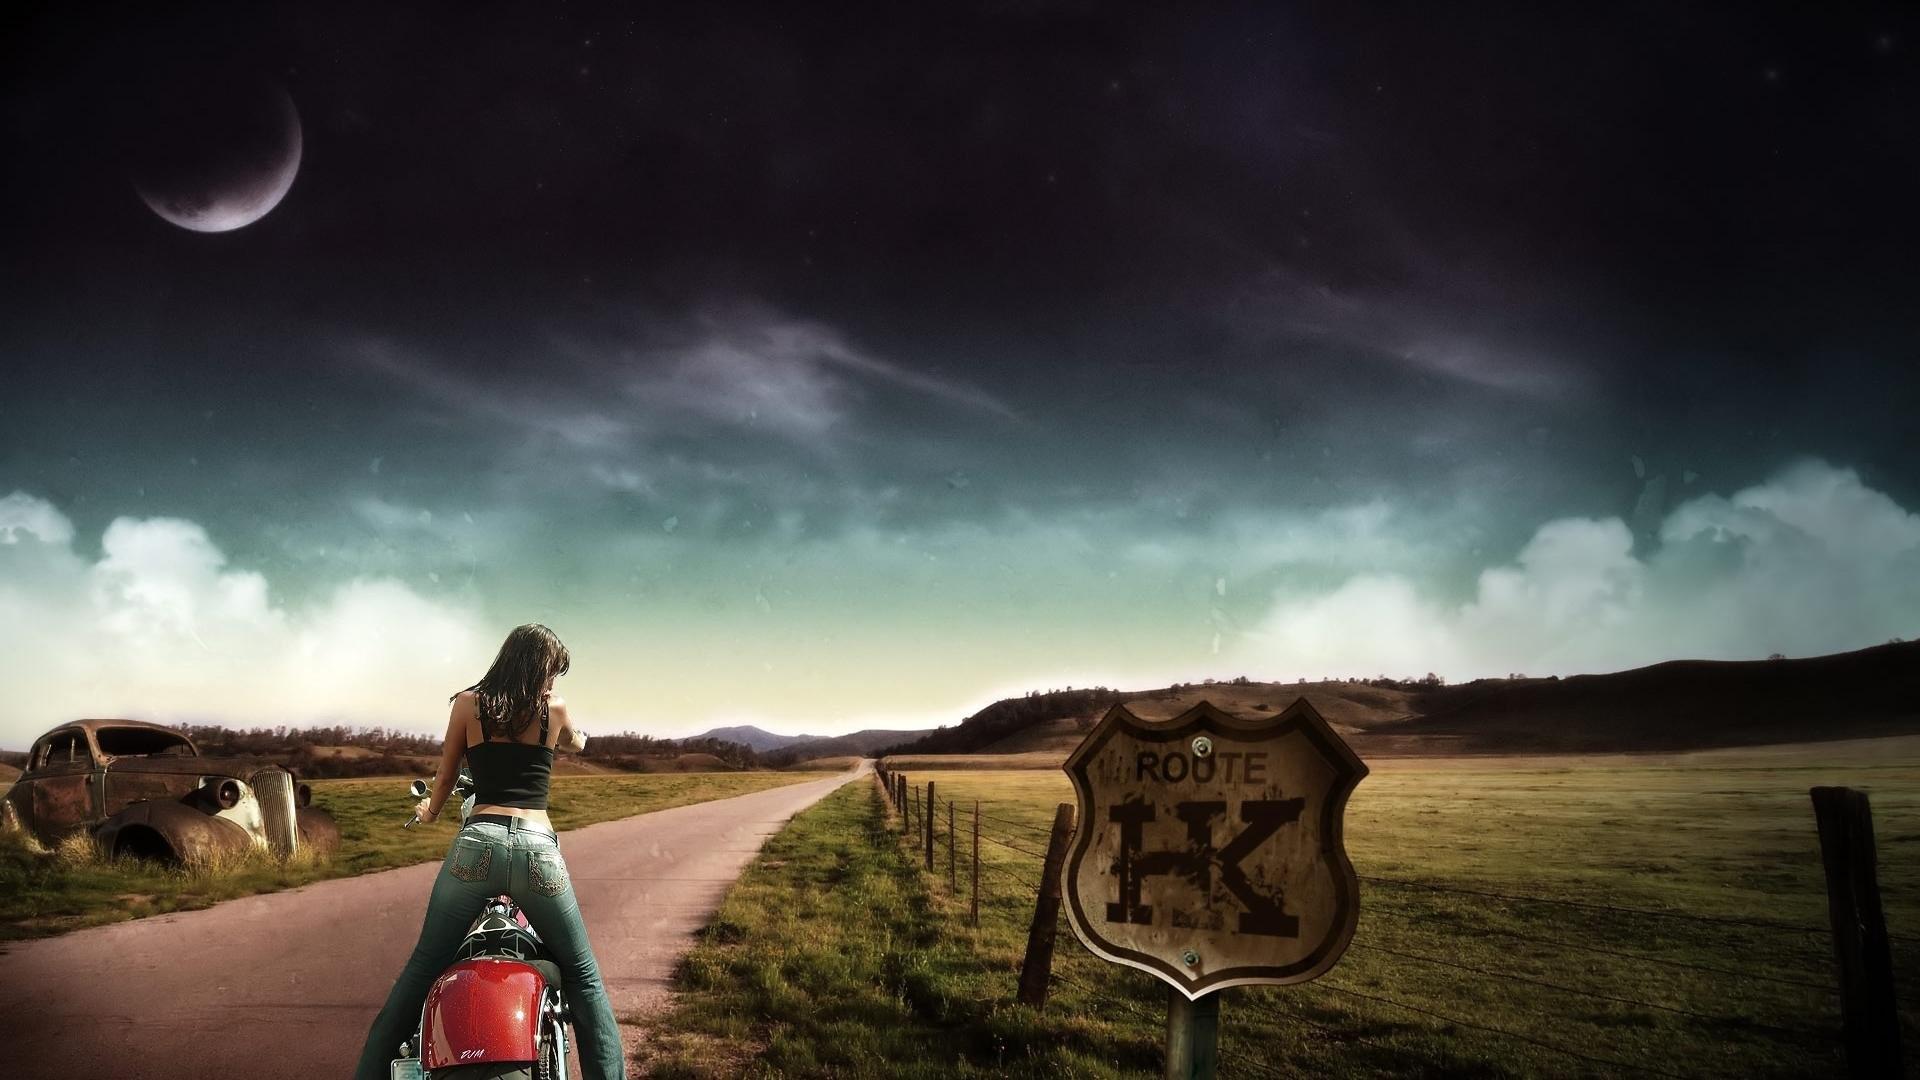 Motorcycle Girl 520693 …